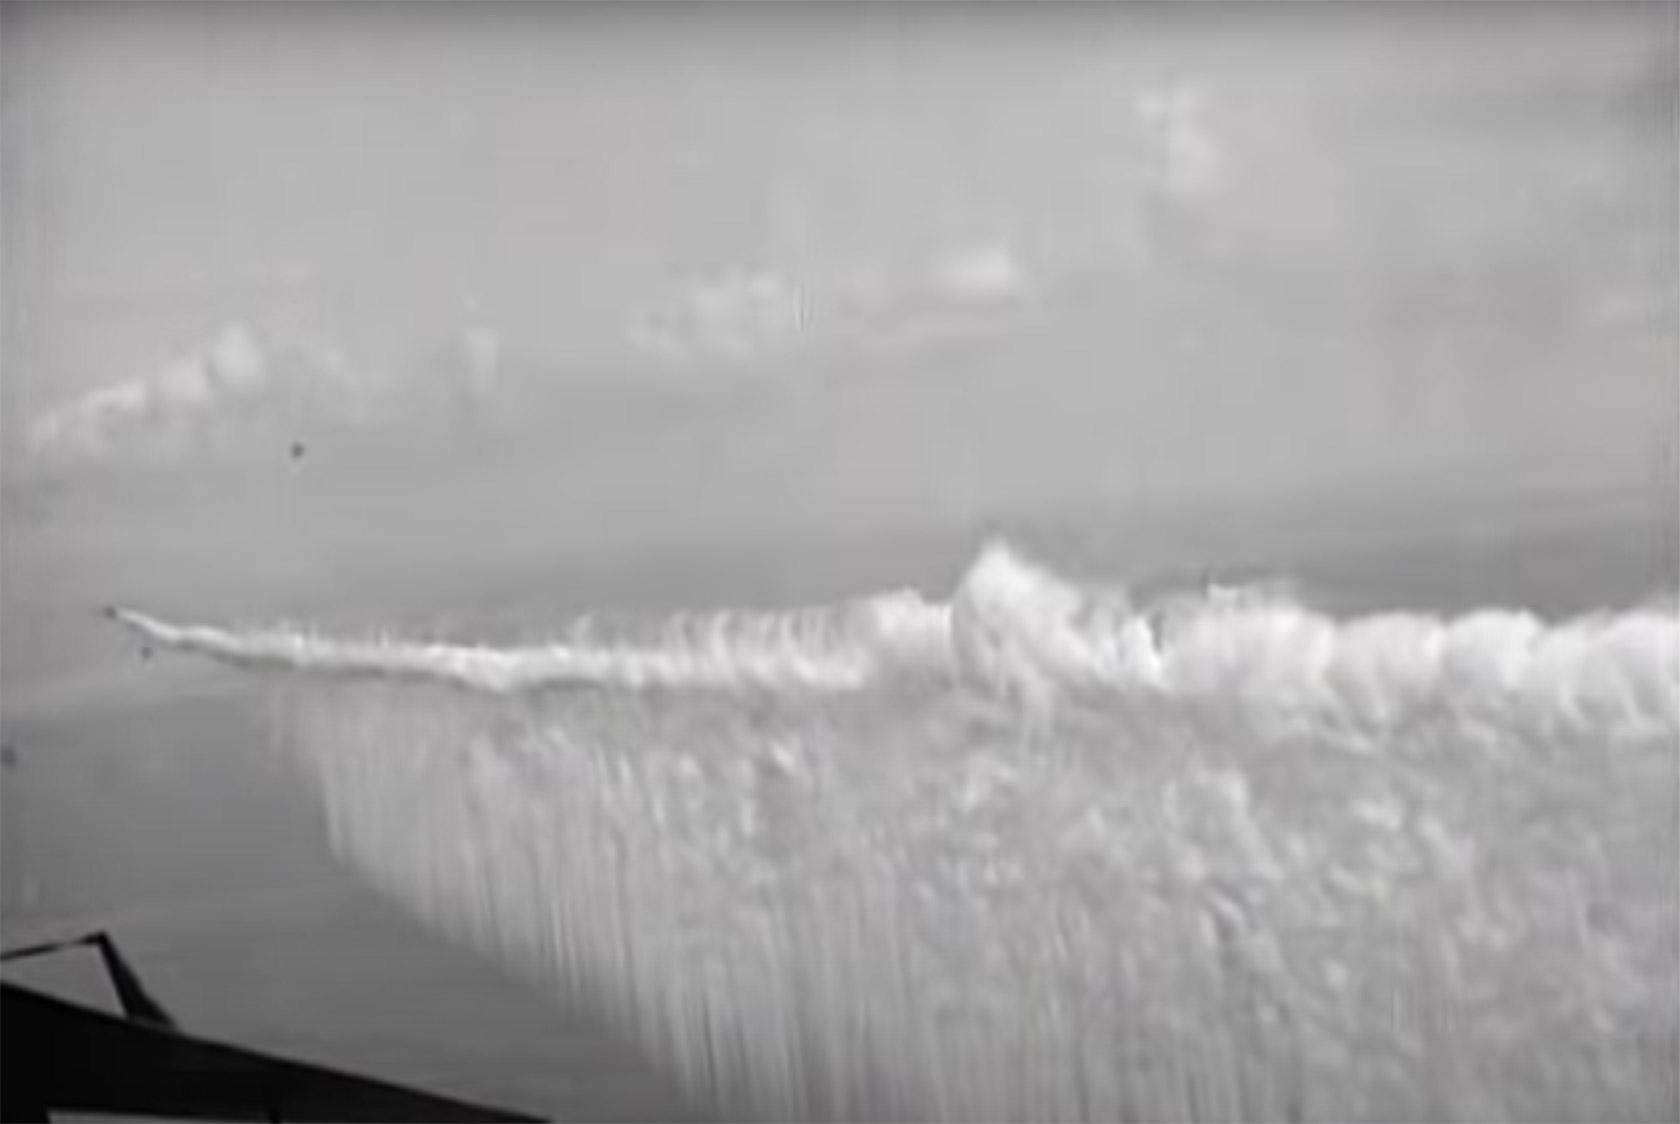 Aerial Smoke Curtain WW2